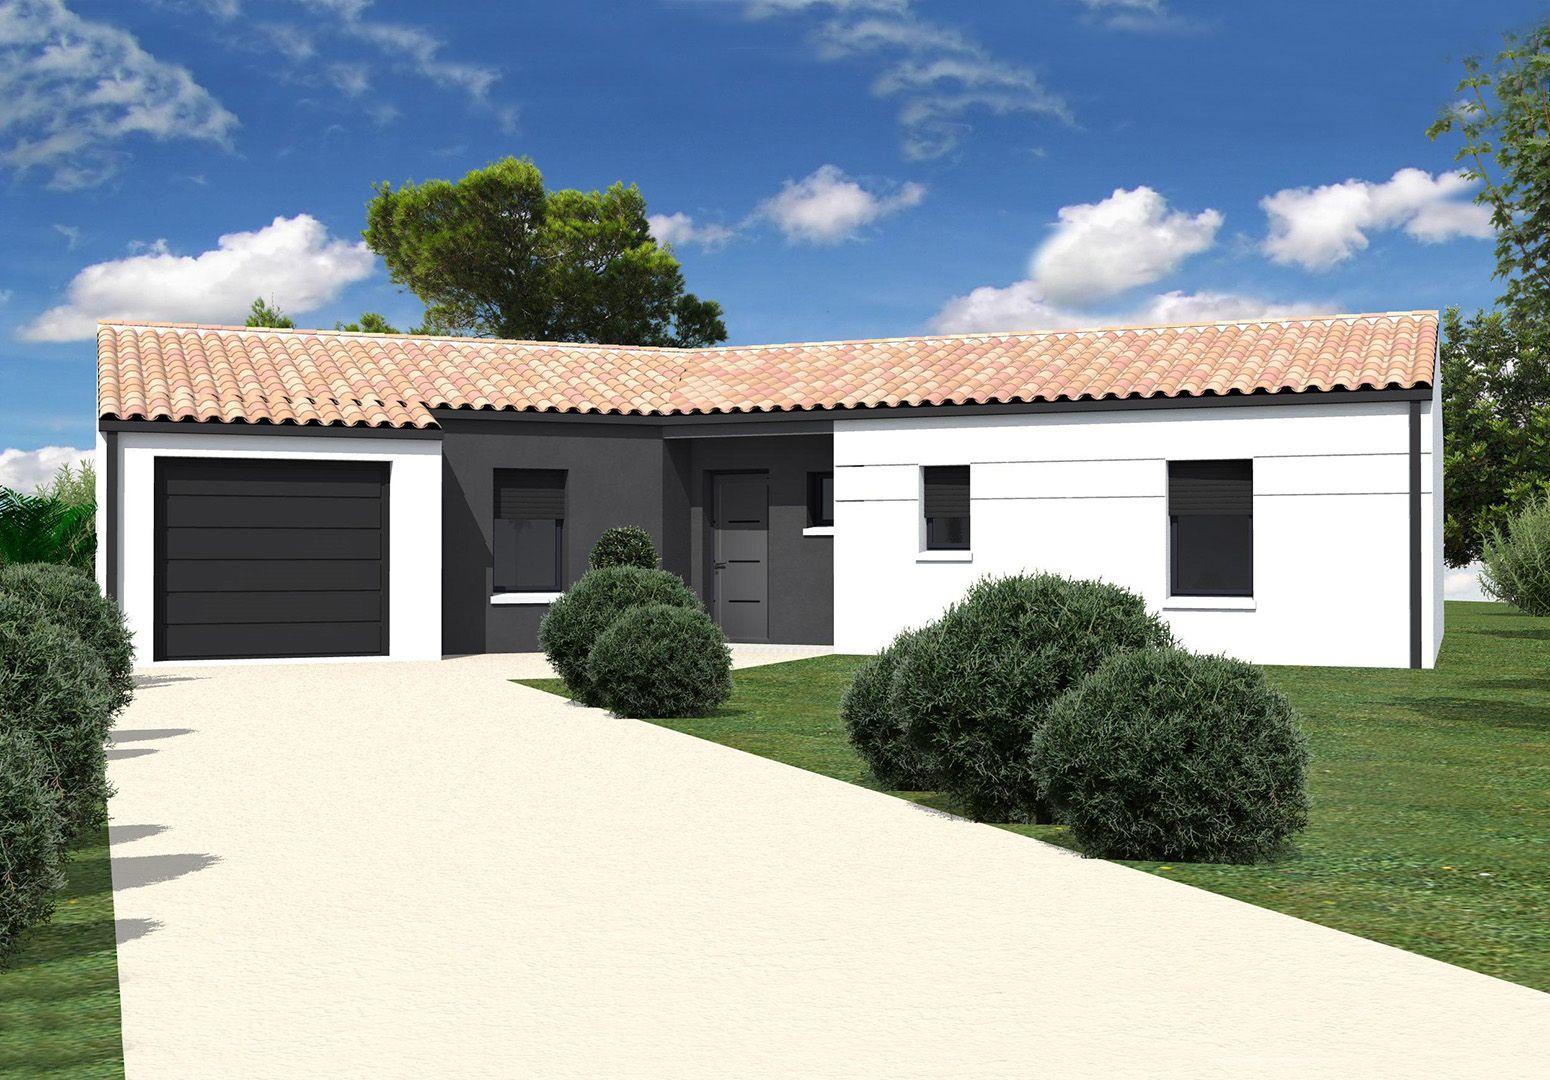 Maisons du constructeur MAISONS IDEOZ 33 • 93 m² • BRAUD ET SAINT LOUIS